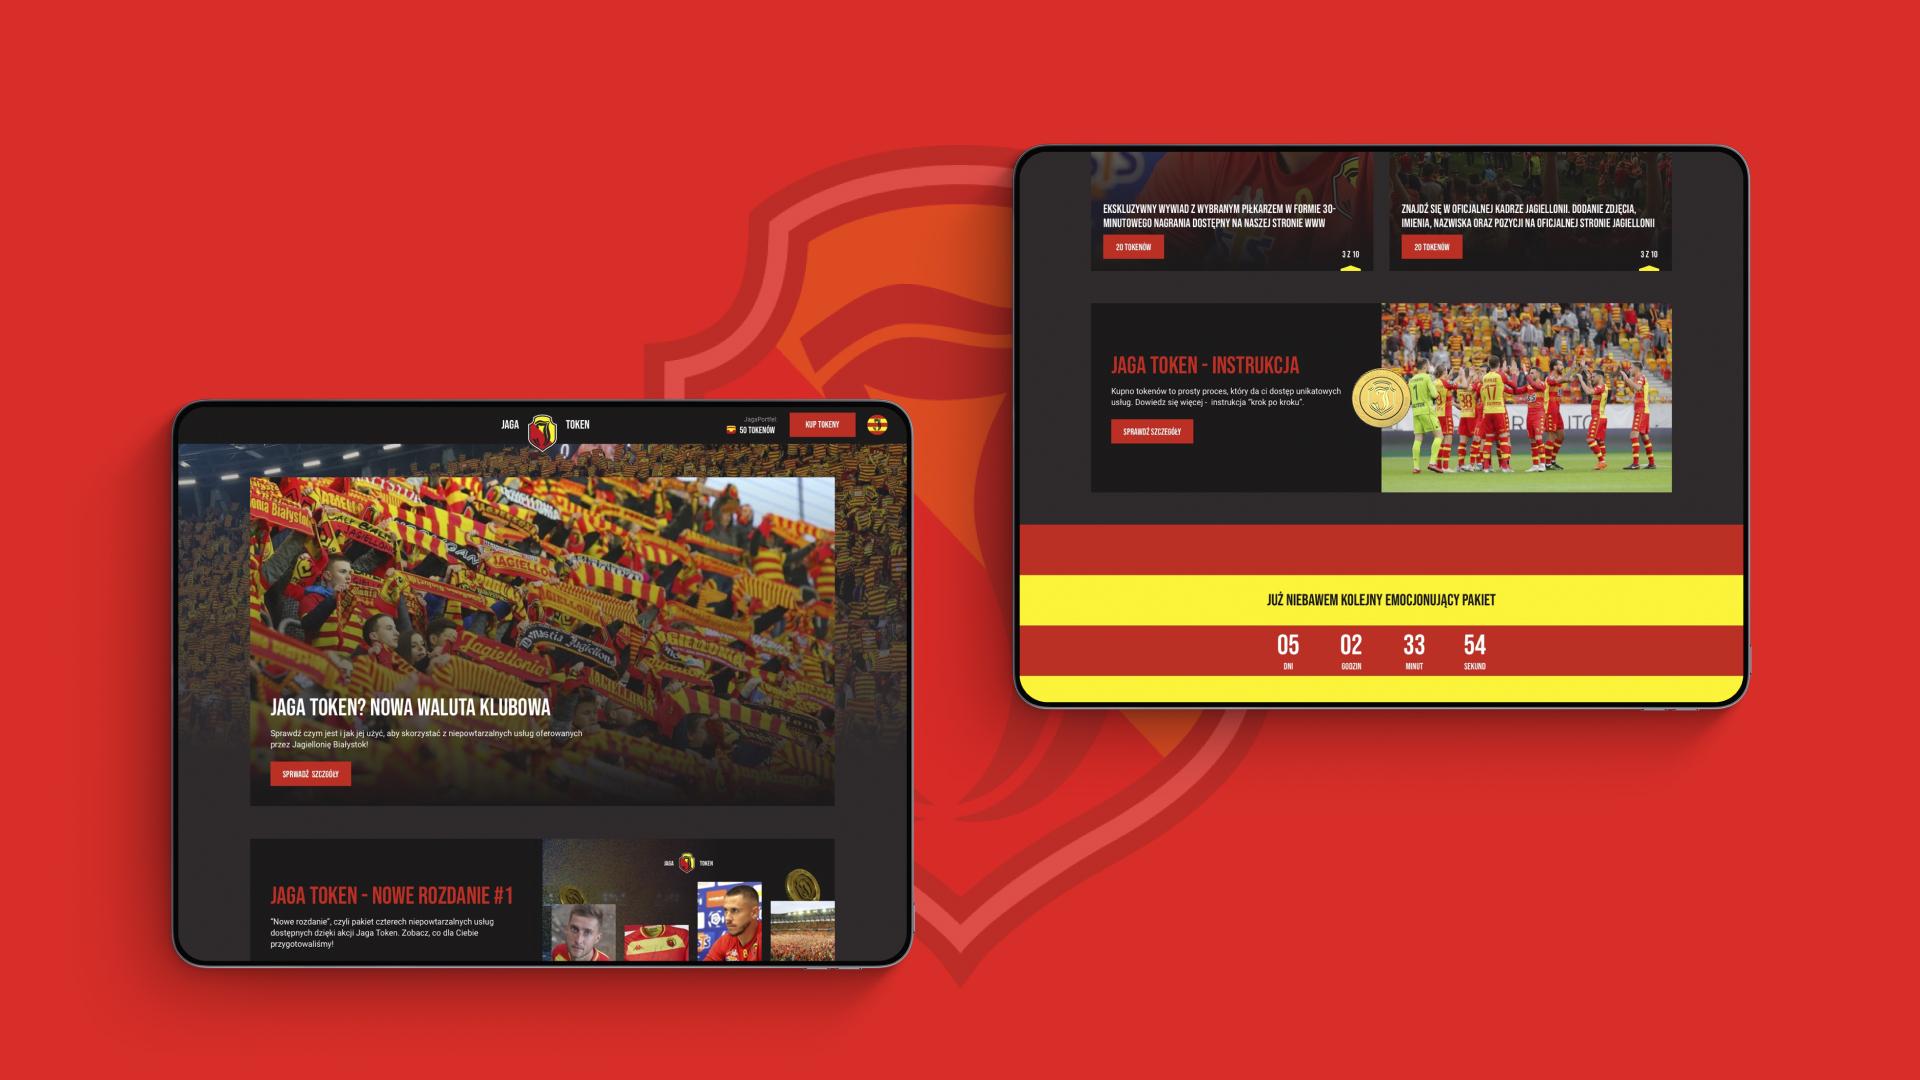 Jaga Token Jagiellonia website strona internetowa